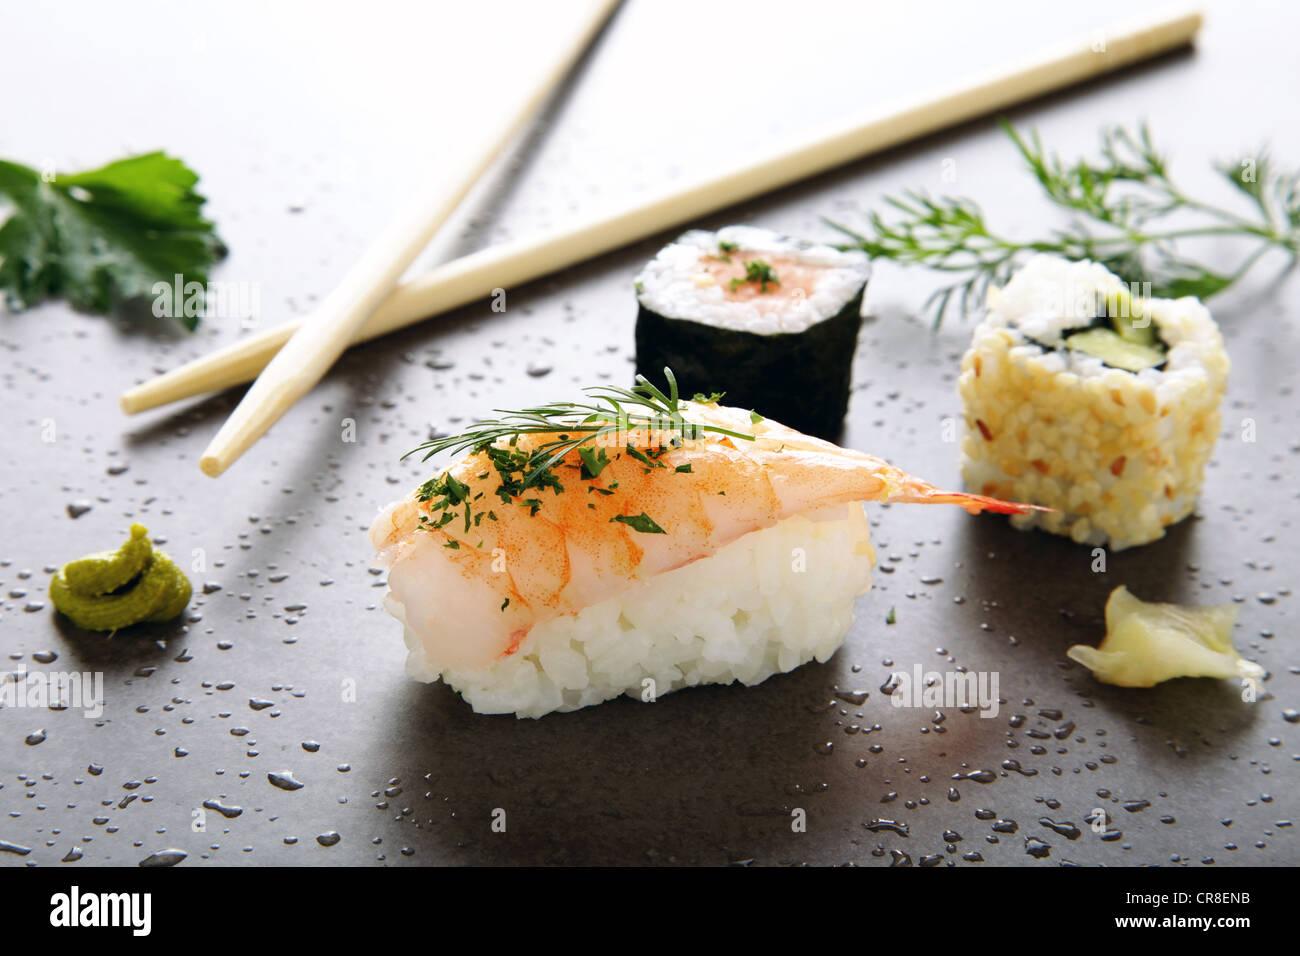 Un assortimento di sushi con zenzero e wasabi su di una superficie di pietra Immagini Stock